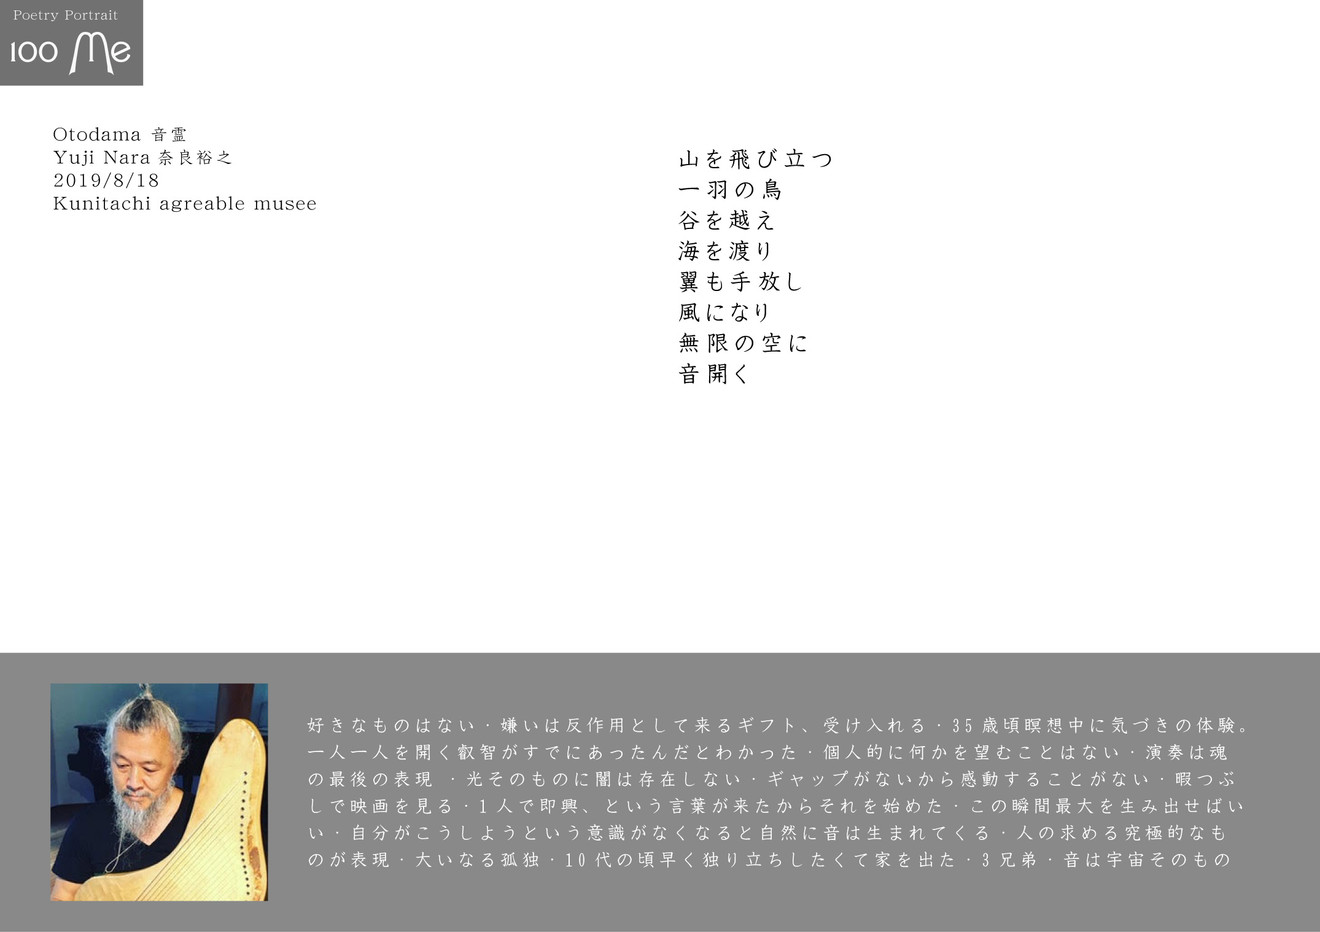 27-Yuji Nara.jpg